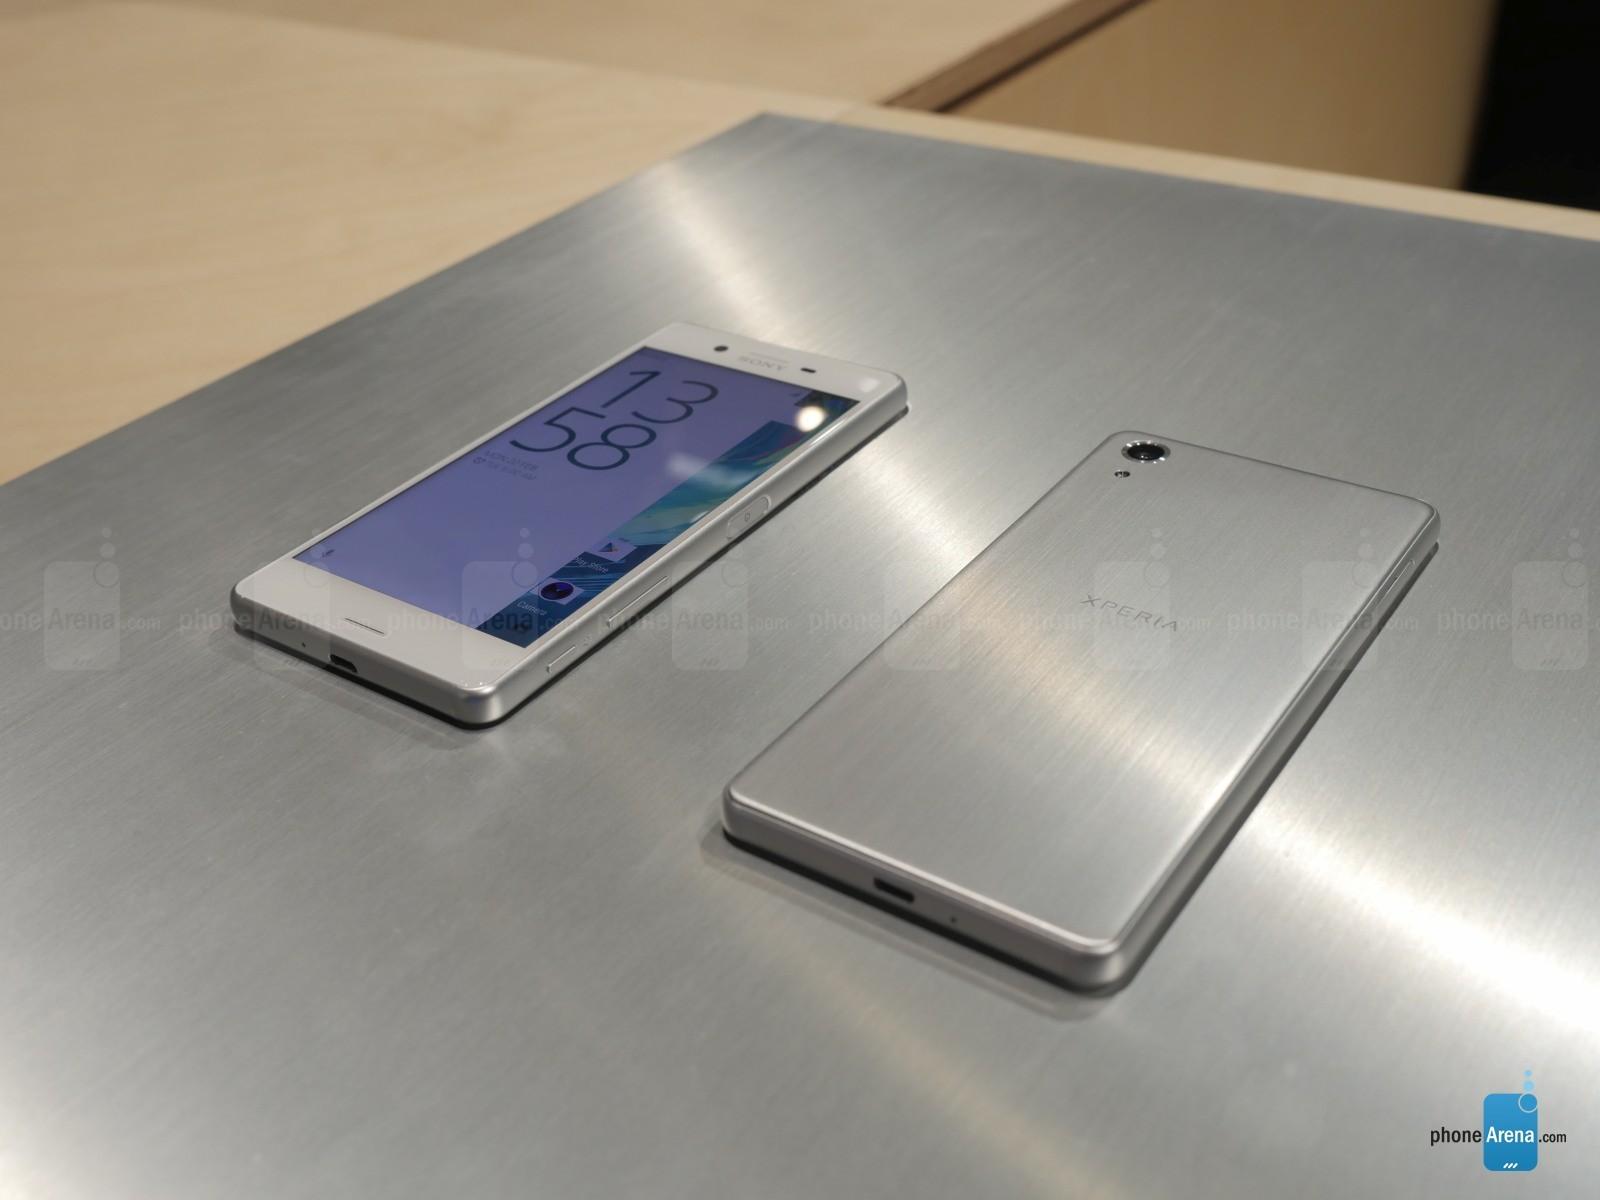 بهروزرسانی اندروید ۷٫۰ نوقا برای سونی Xperia X Performance عرضه شد